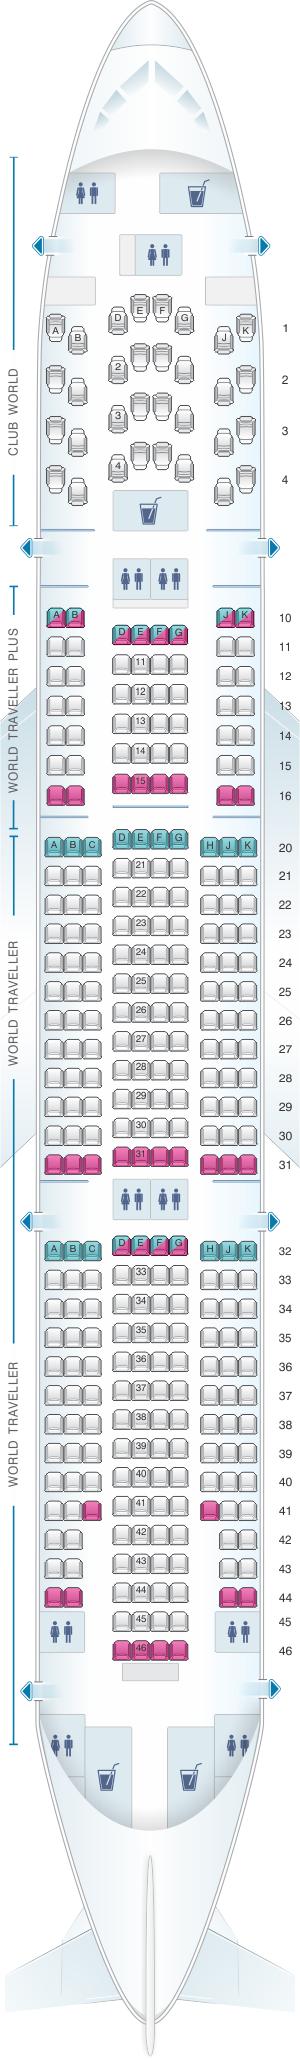 Seat map for British Airways Boeing B777 200 LGW layout